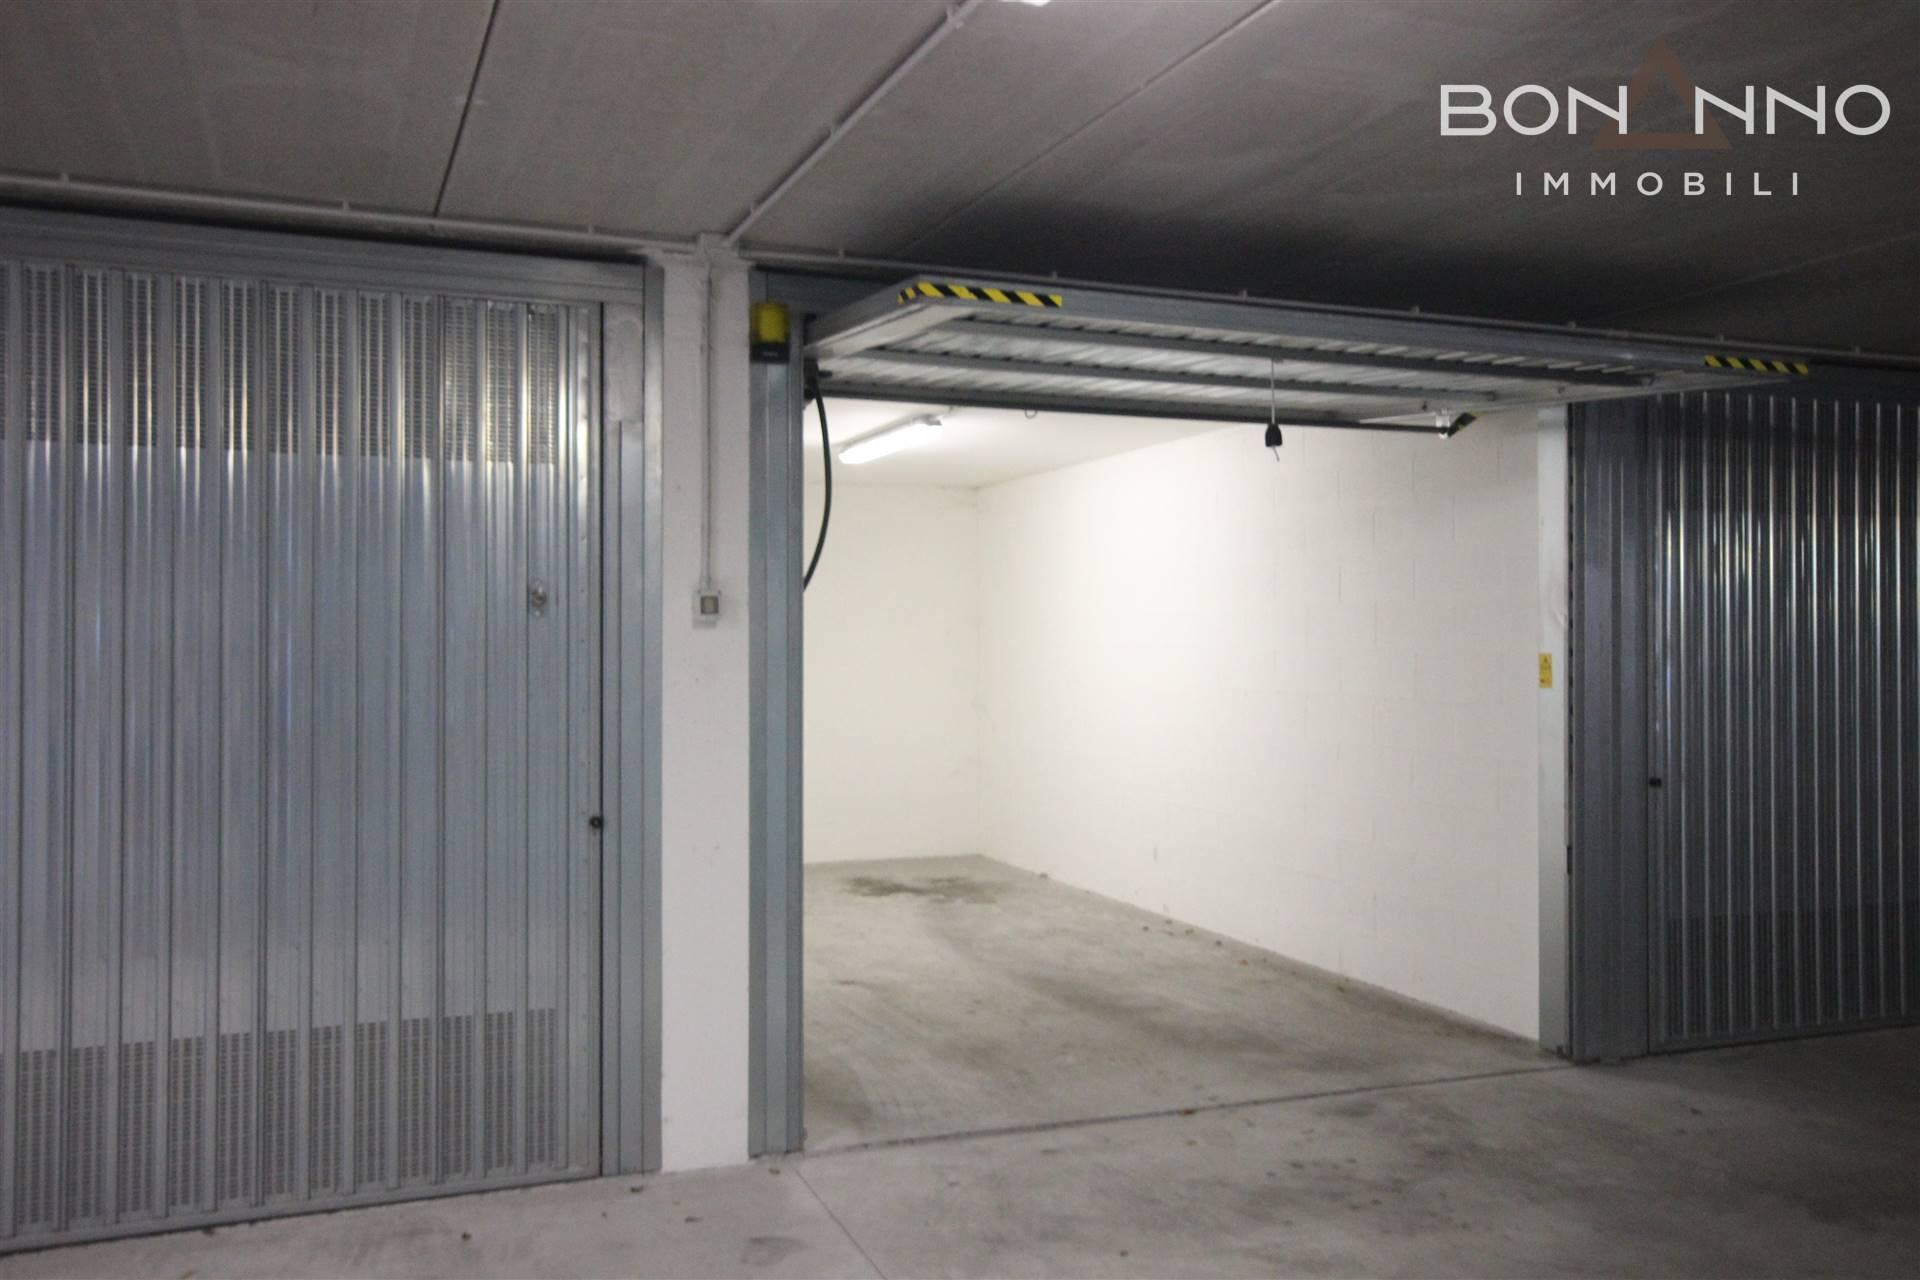 Box / Garage in vendita a Treviso, 1 locali, zona Località: Centrostorico, prezzo € 95.000 | CambioCasa.it